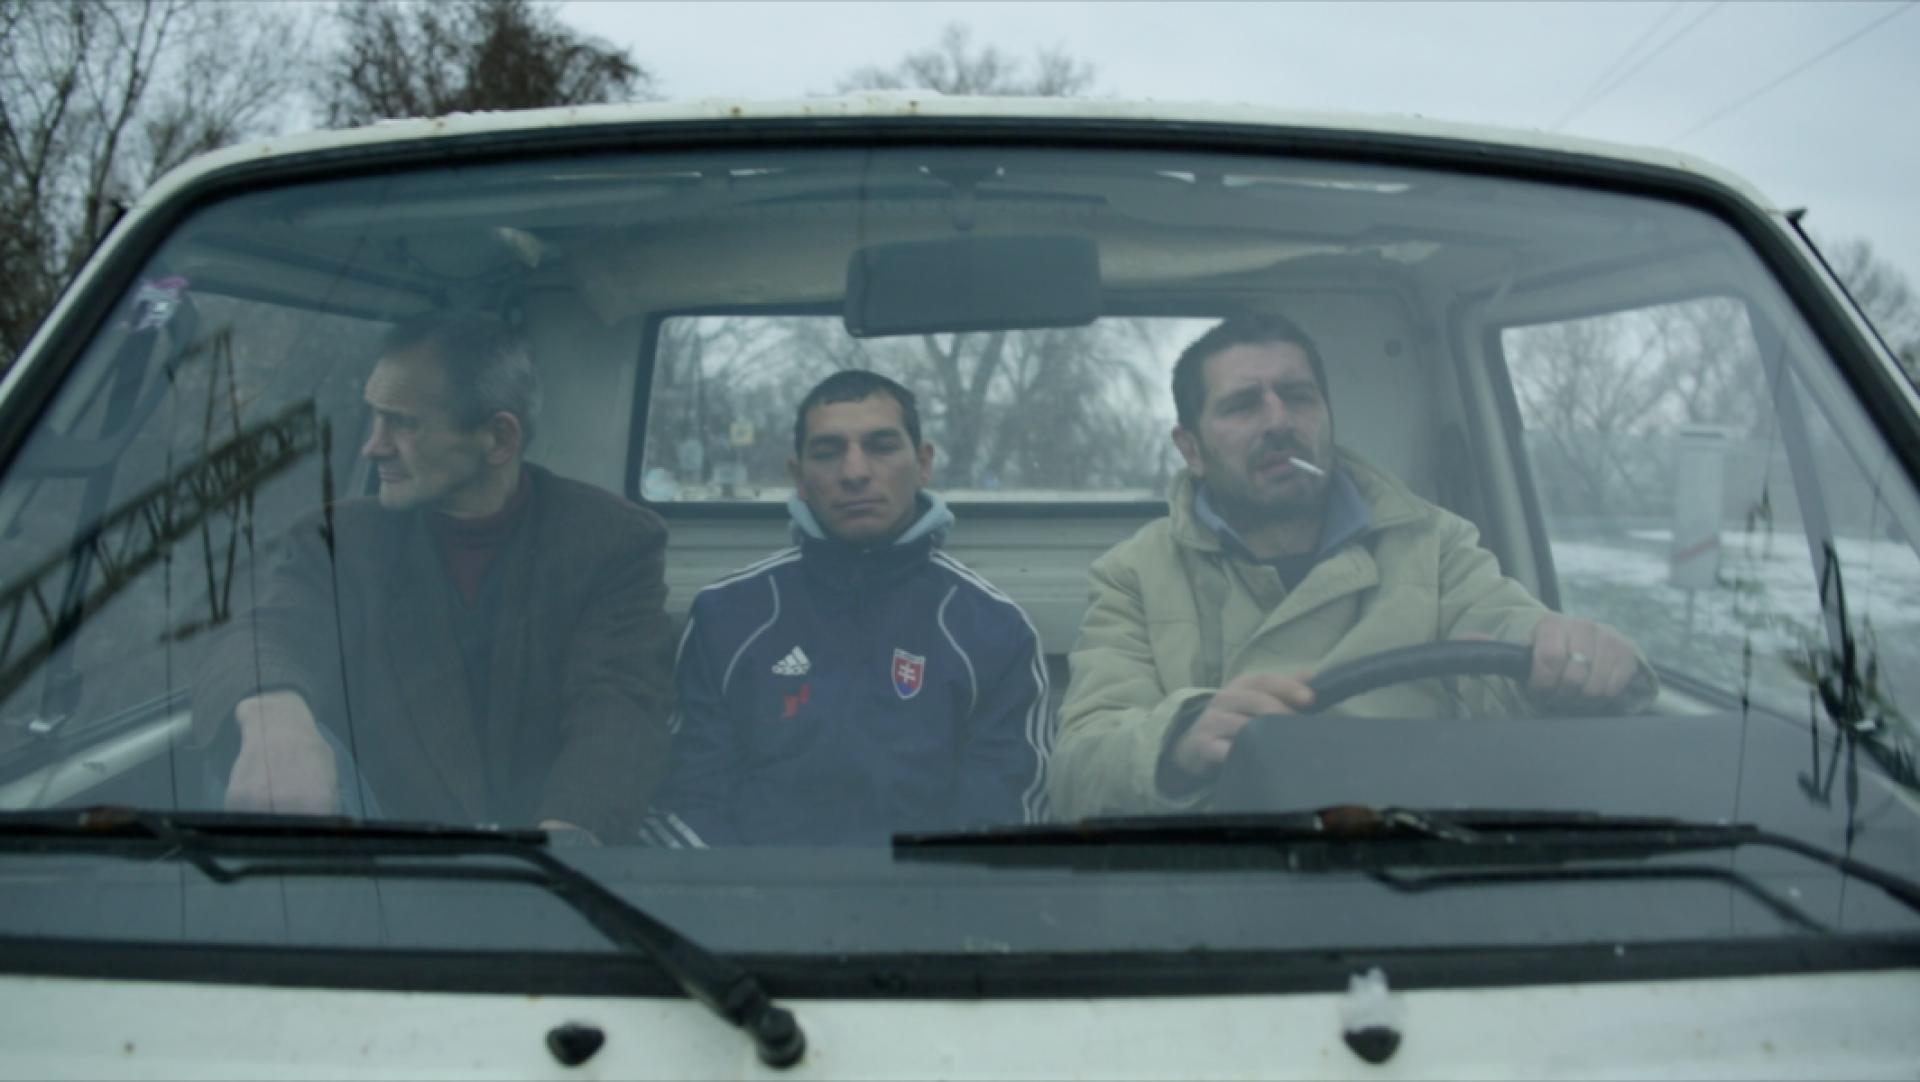 Muži sedící v autě